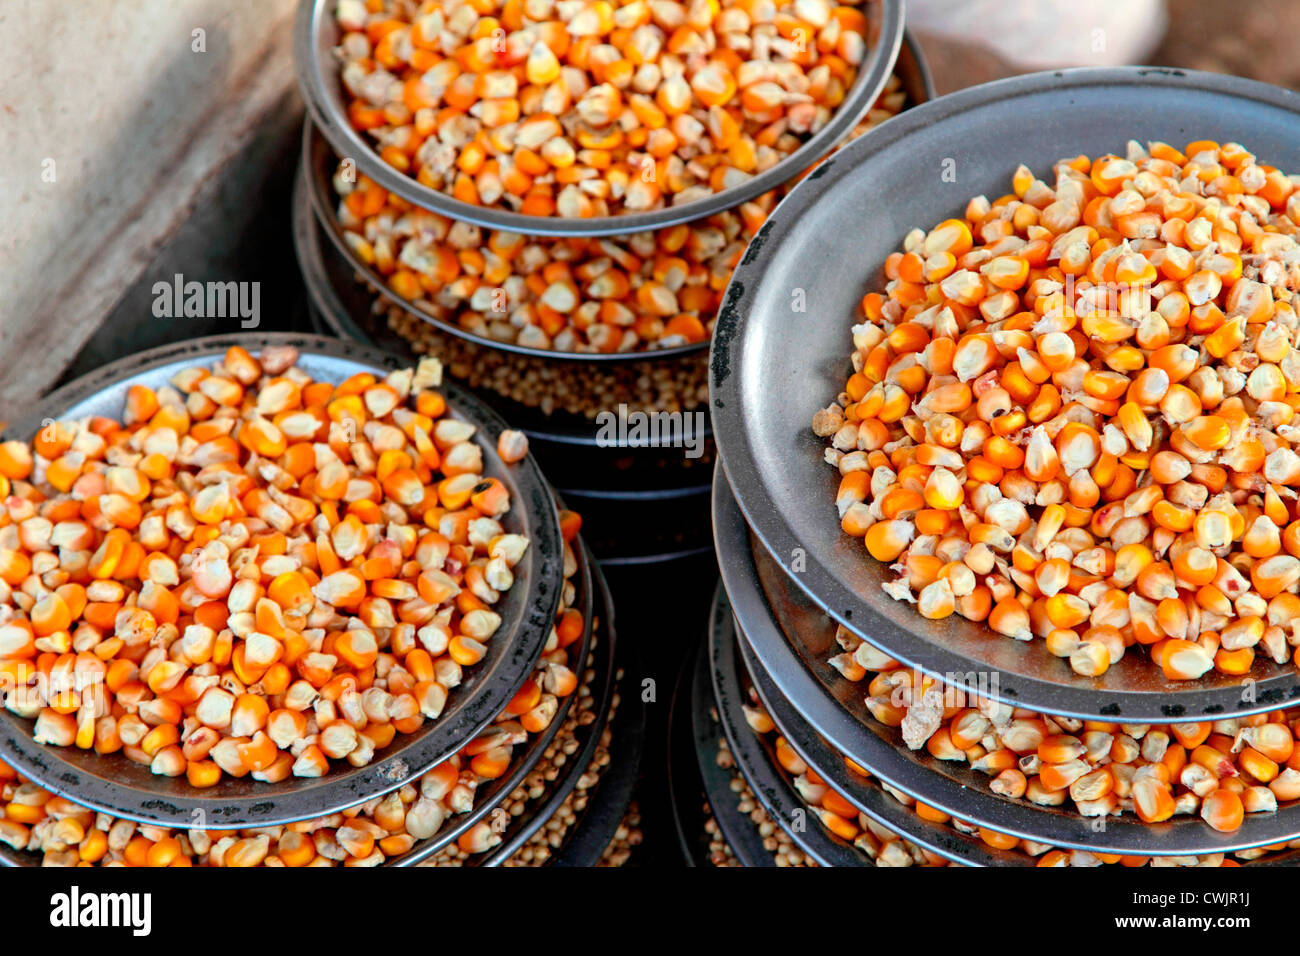 La semence, maïs, ingrédient, l'alimentation, de l'agriculture, jaune, légumes, nature, nutrition, Photo Stock